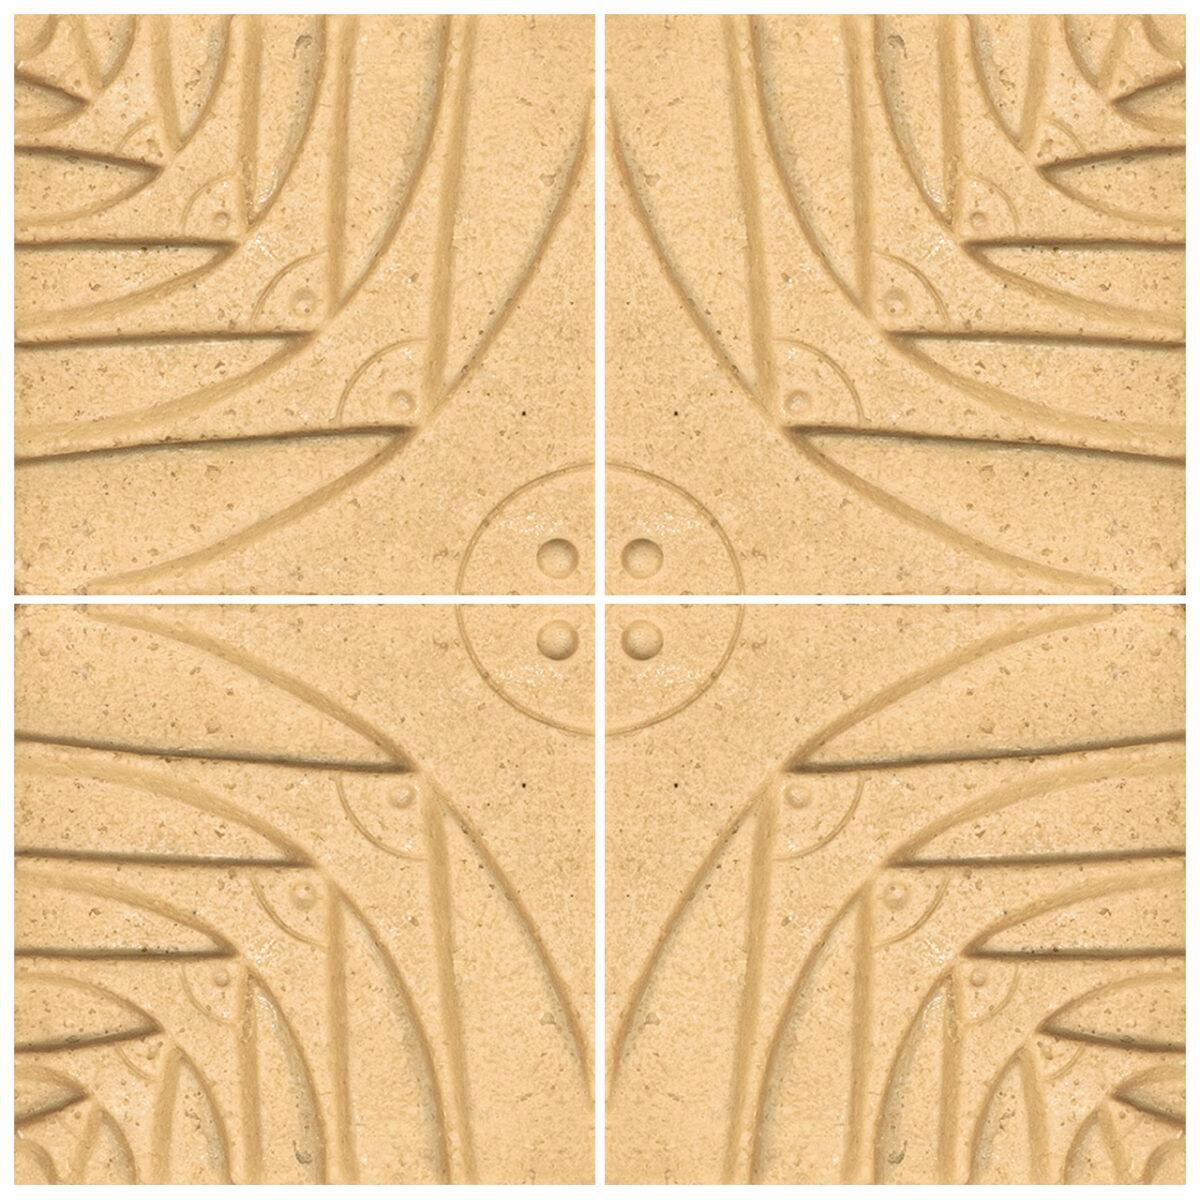 دیوارپوش تندیس و پیکره شهریار مدل آمای کد W1010-04 بسته 4 عددی